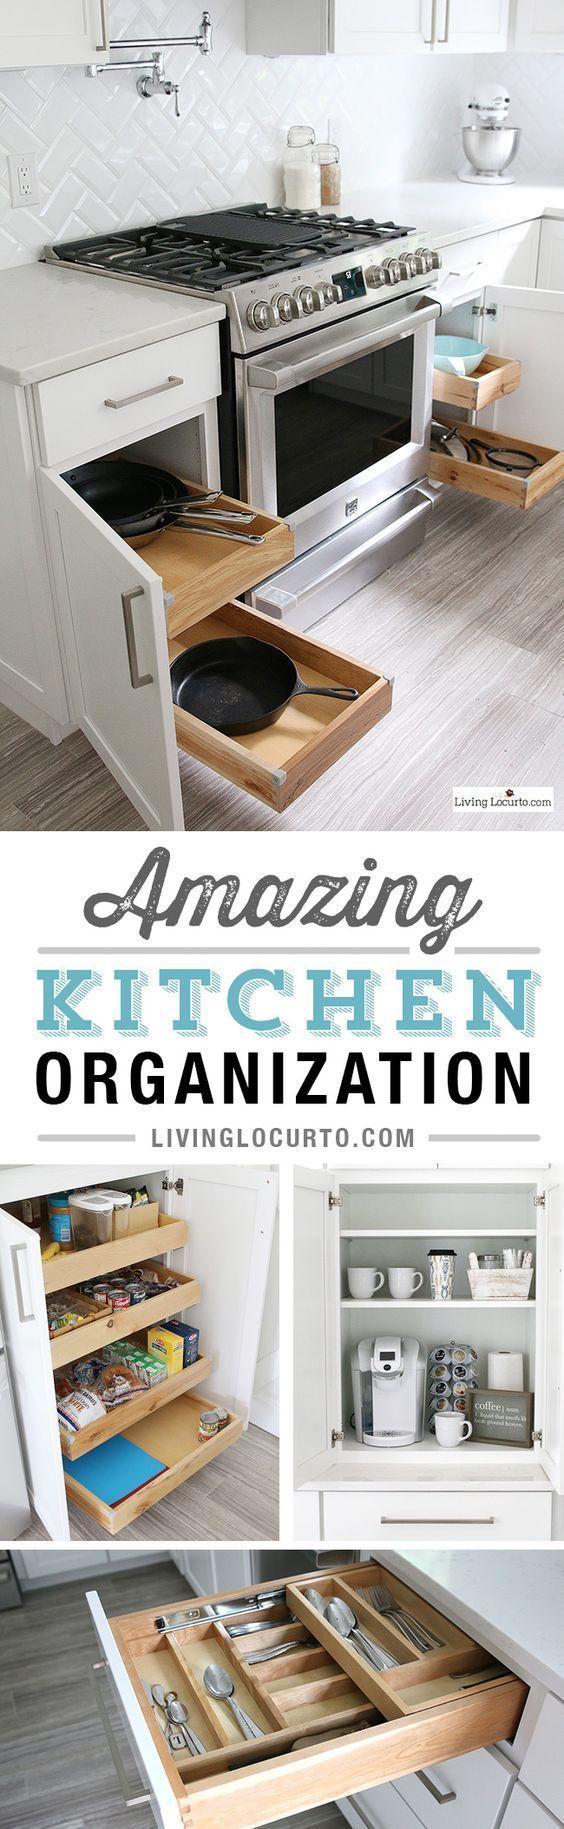 22 best Organization images on Pinterest | Plywood, Sheathing ...